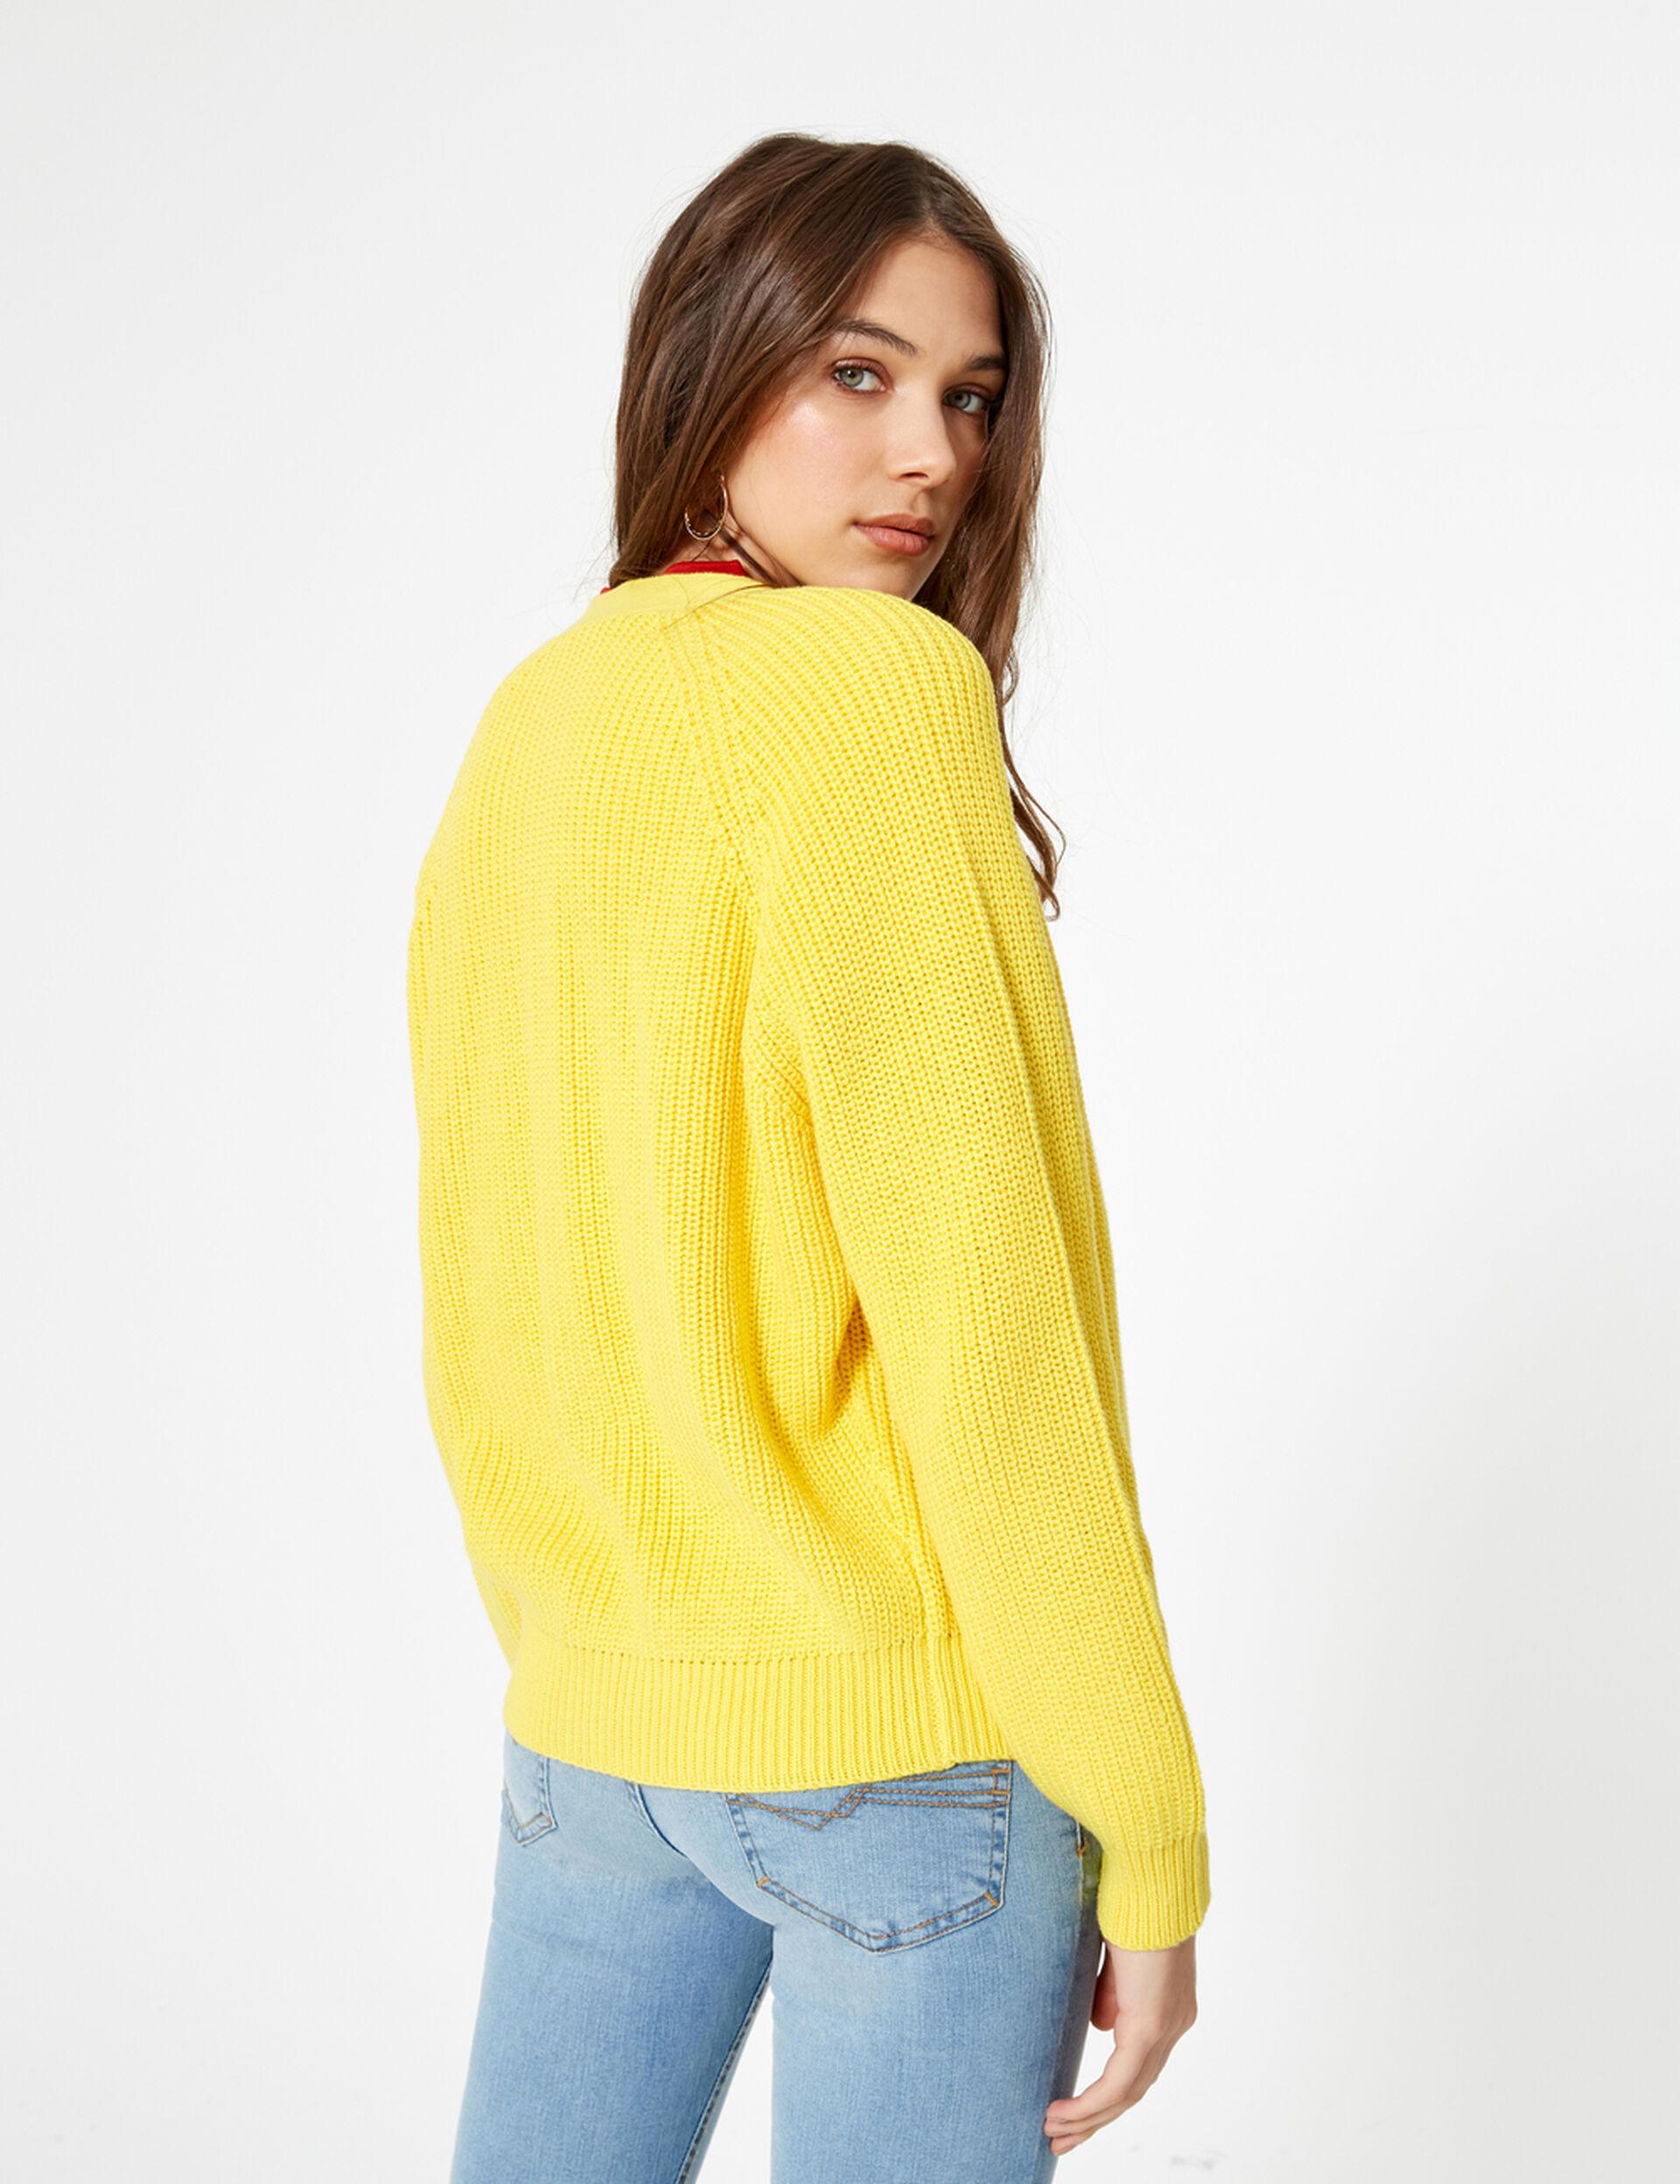 Gilet boutonné jaune